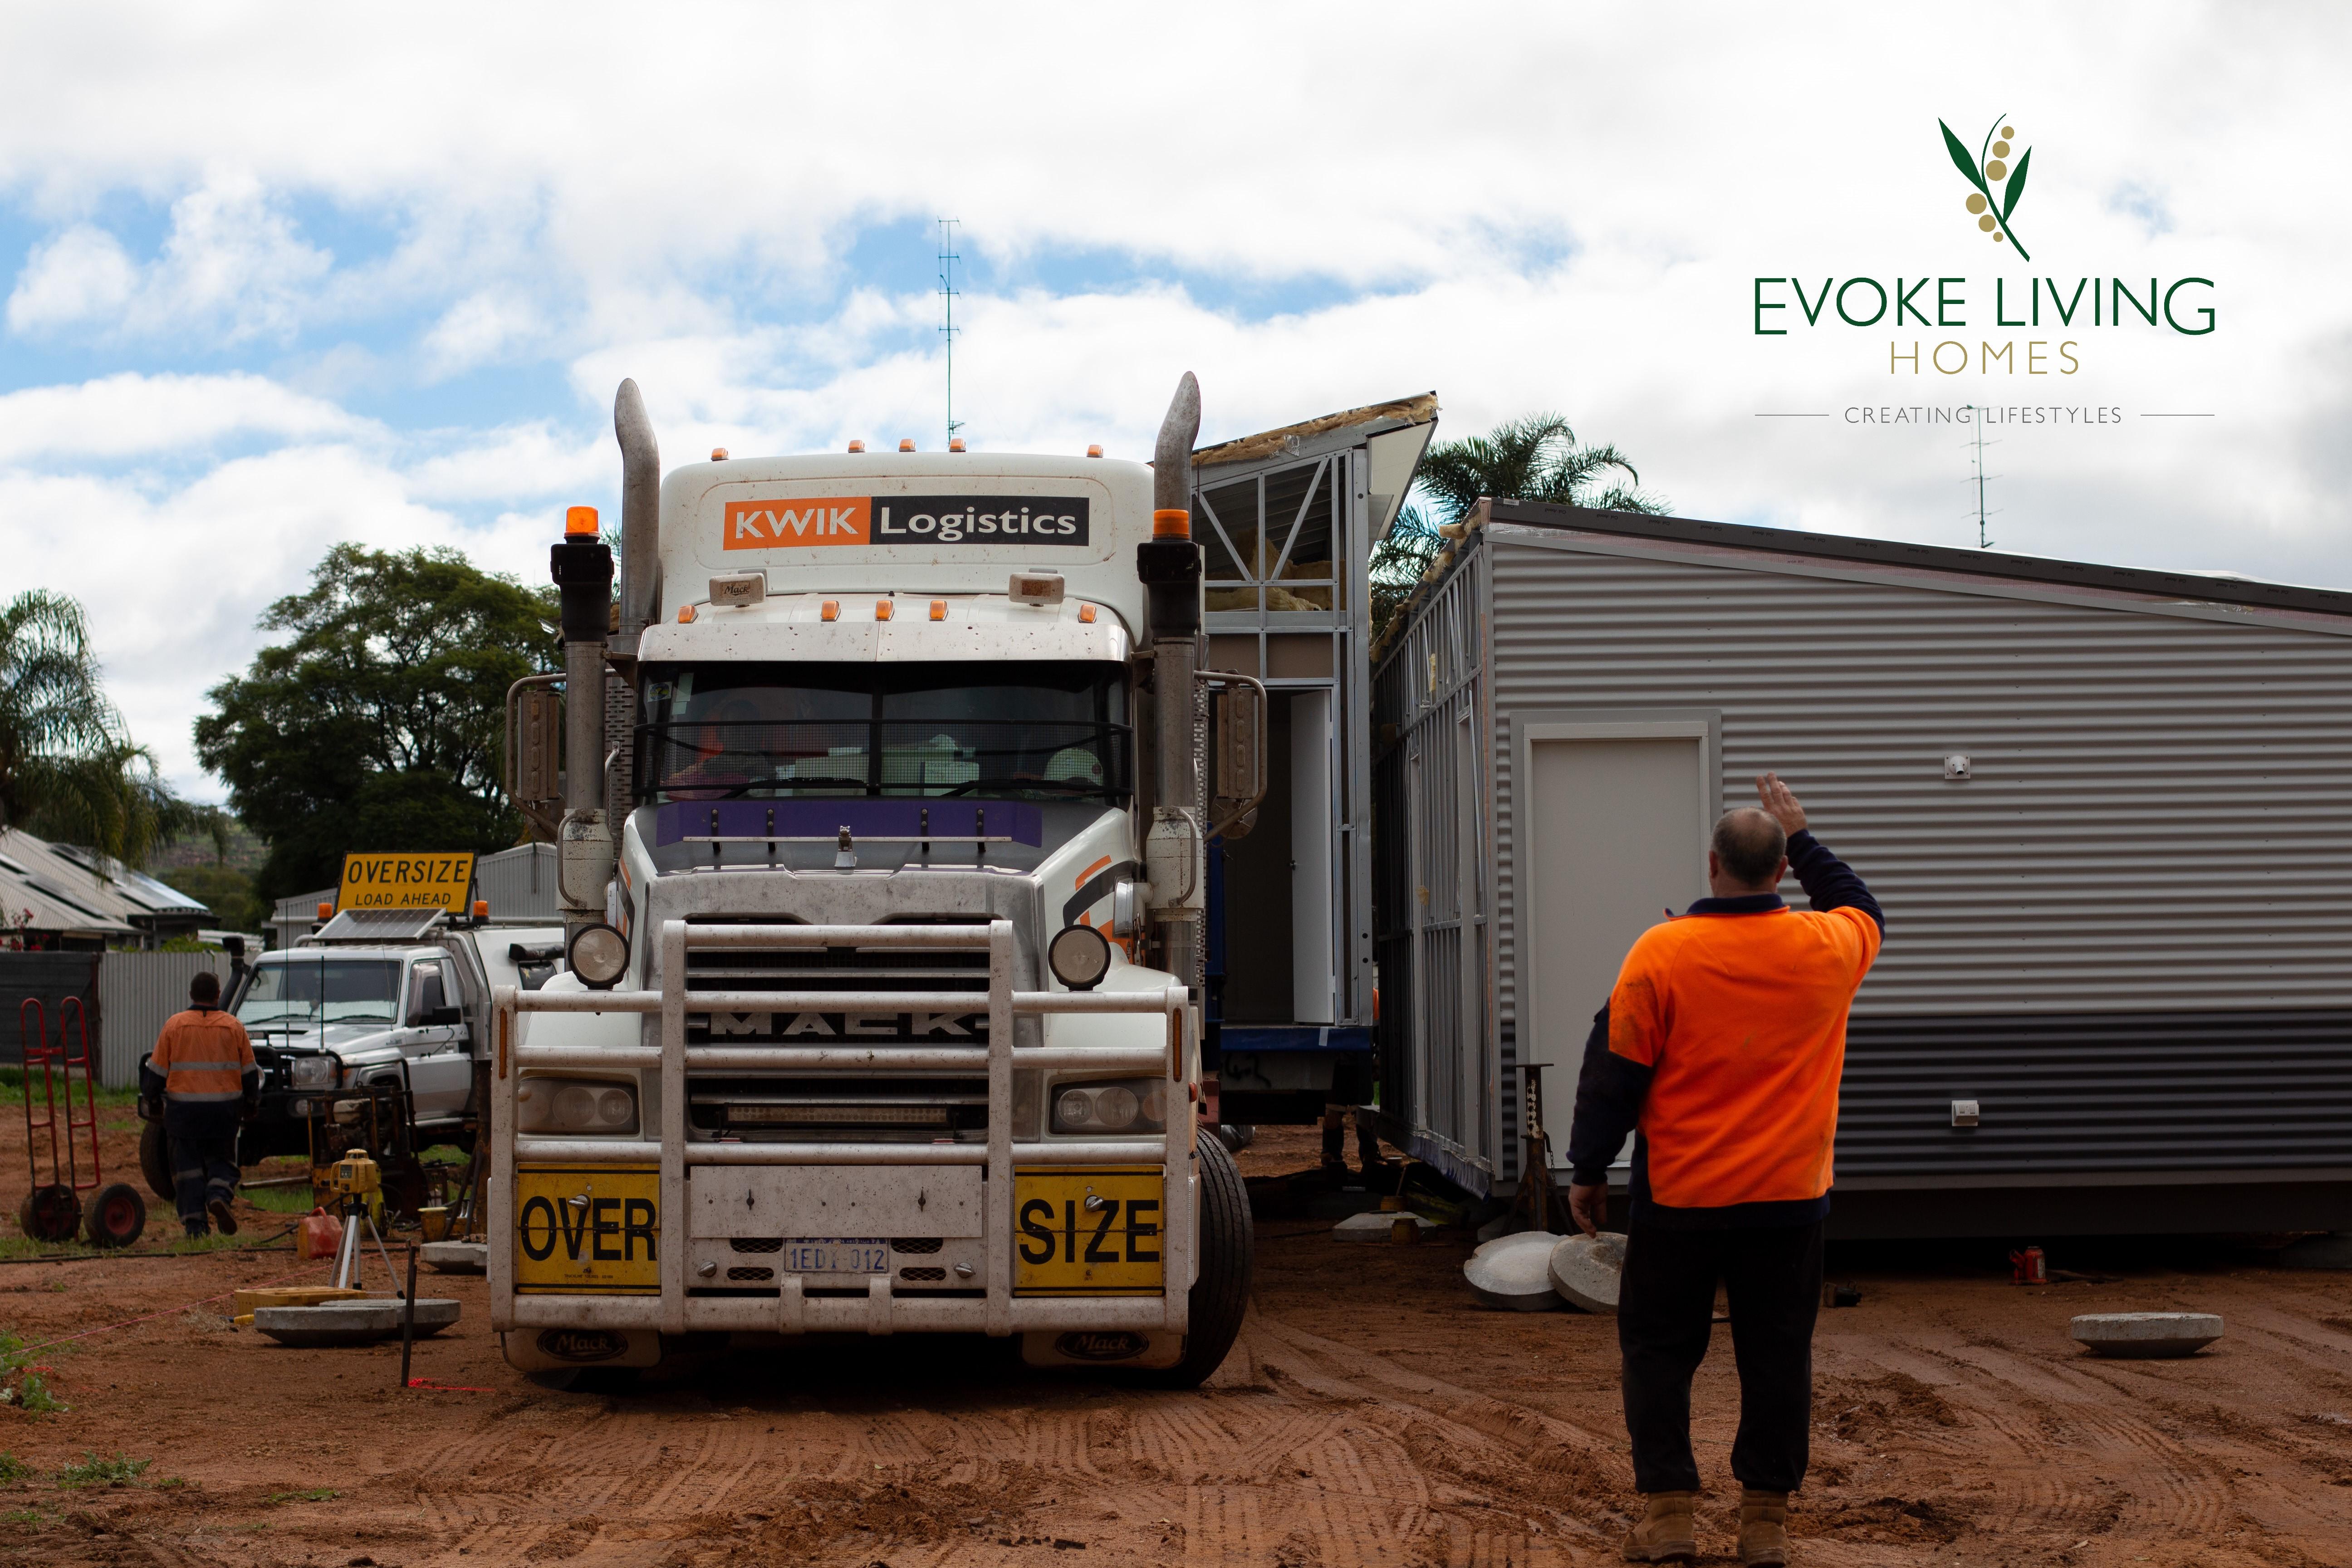 Evoke Living Homes modular home transport